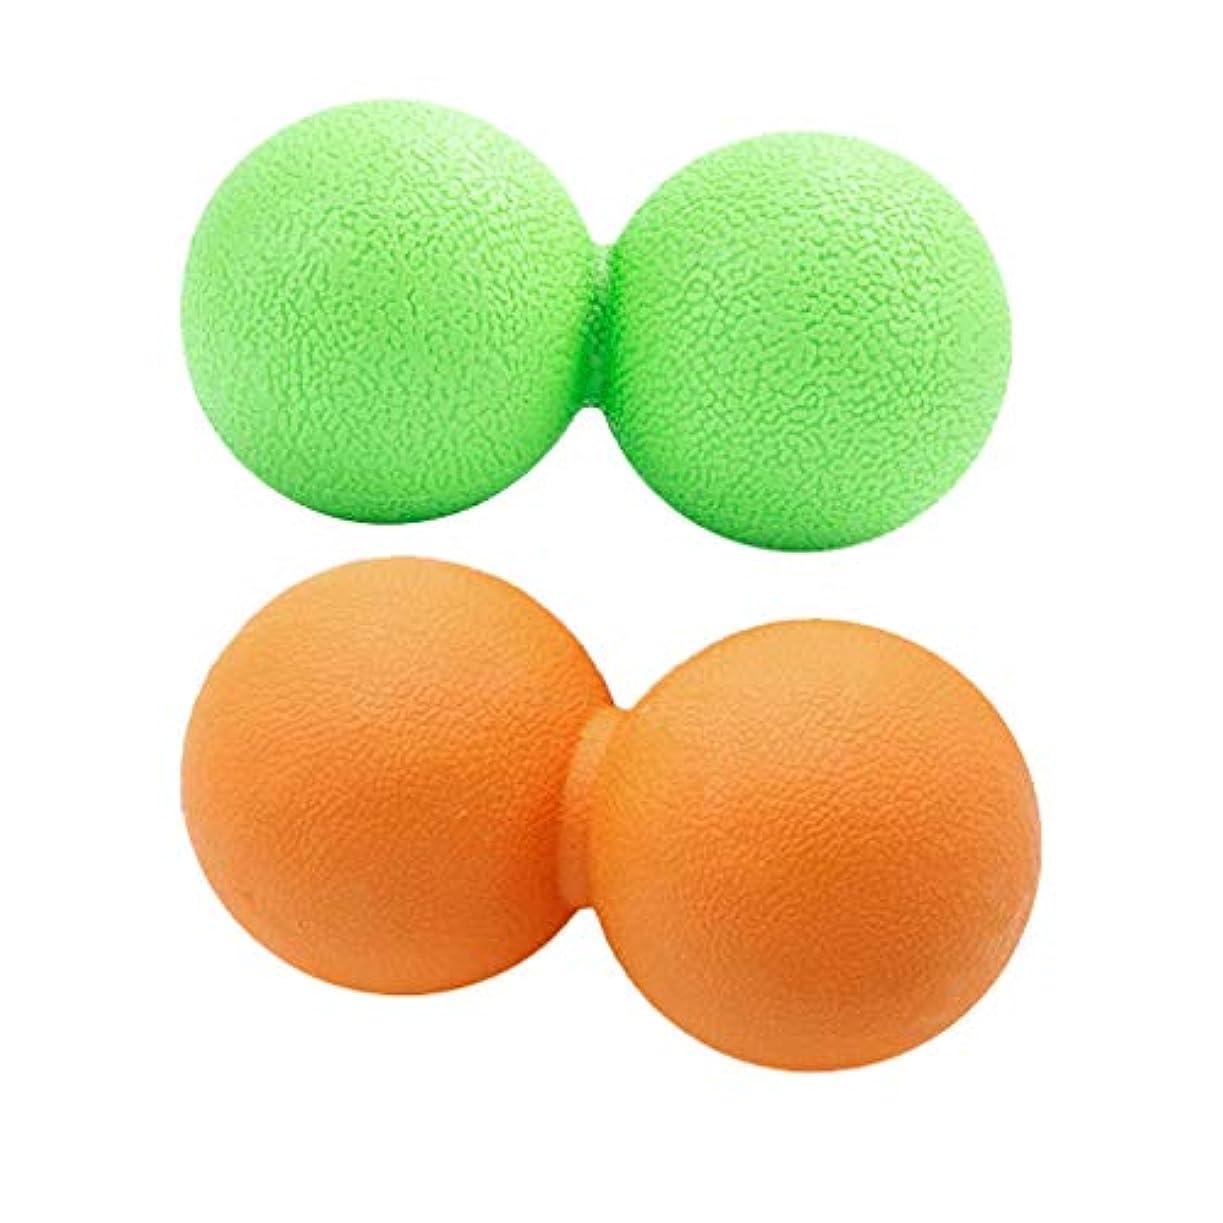 不毛の妻受け皿F Fityle マッサージボール ピーナッツ型 筋膜リリース トリガーポイント 緊張緩和 健康グッズ 2個入